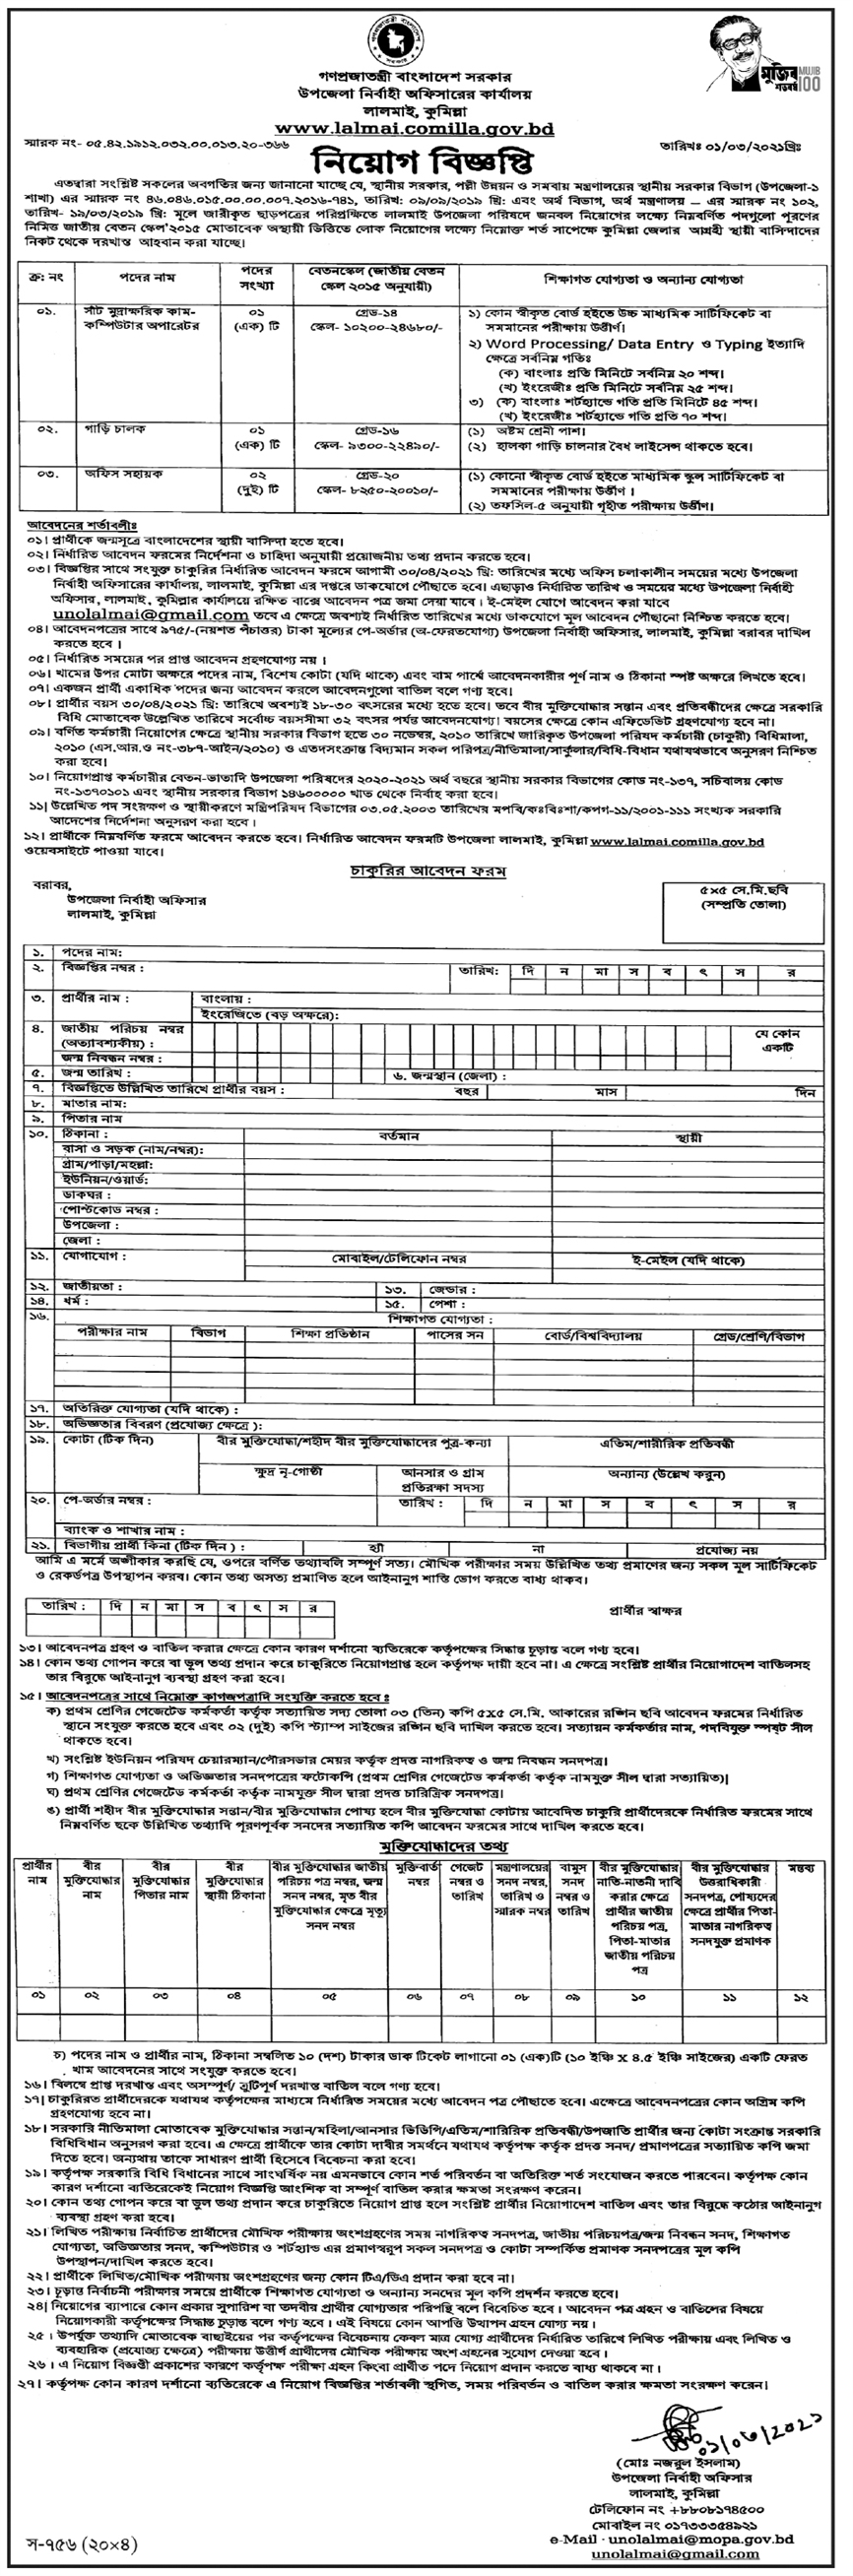 Upazila Parishad and Upazila Nirbahi Officer Job Circular 2021 - উপজেলা পরিষদ ও নির্বাহী অফিসারের কার্যালয়ে নিয়োগ বিজ্ঞপ্তি ২০২১ - এলাকা ভিত্তিক চাকরির খবর ২০২১